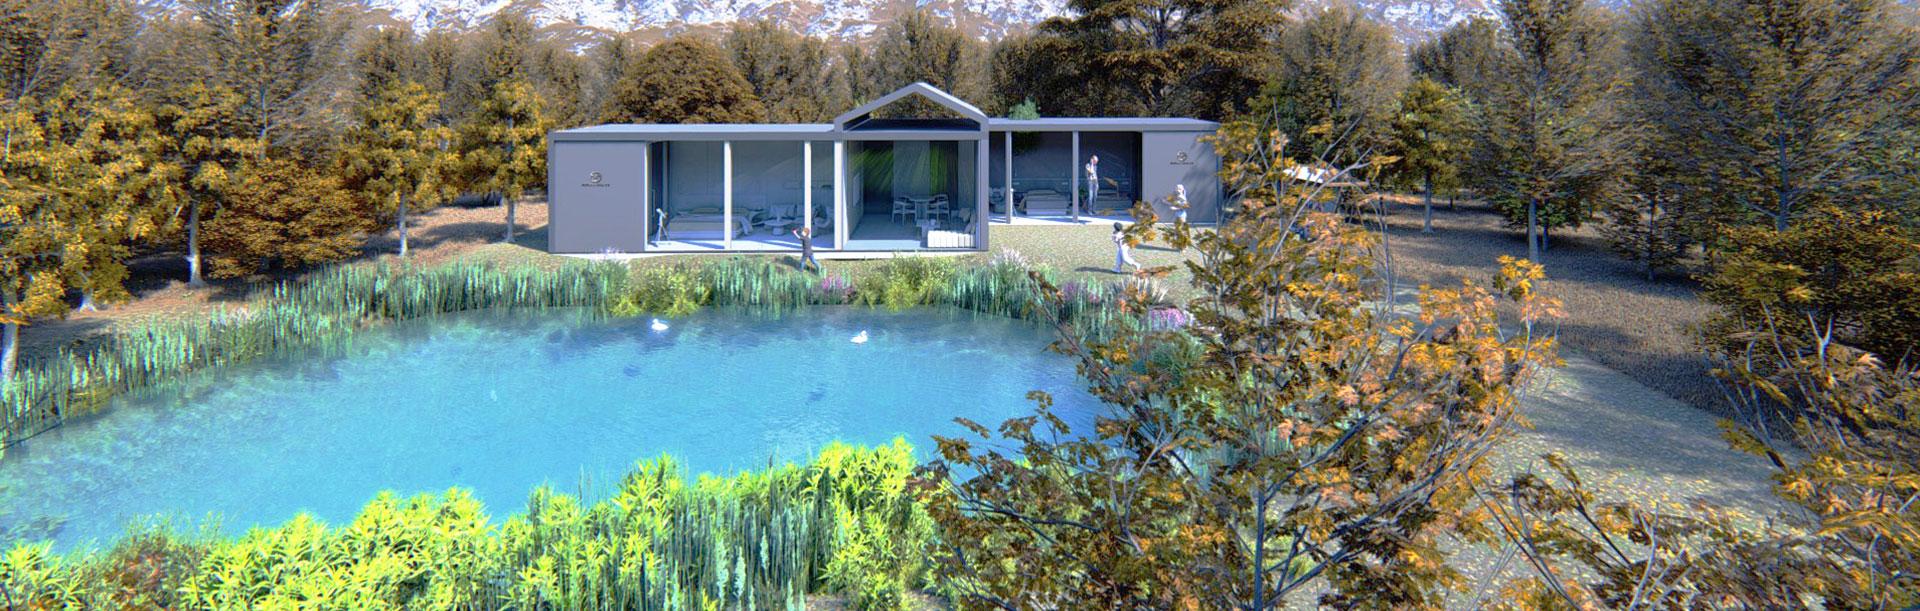 一窗一湖一林,别墅与田园风格的完美融合